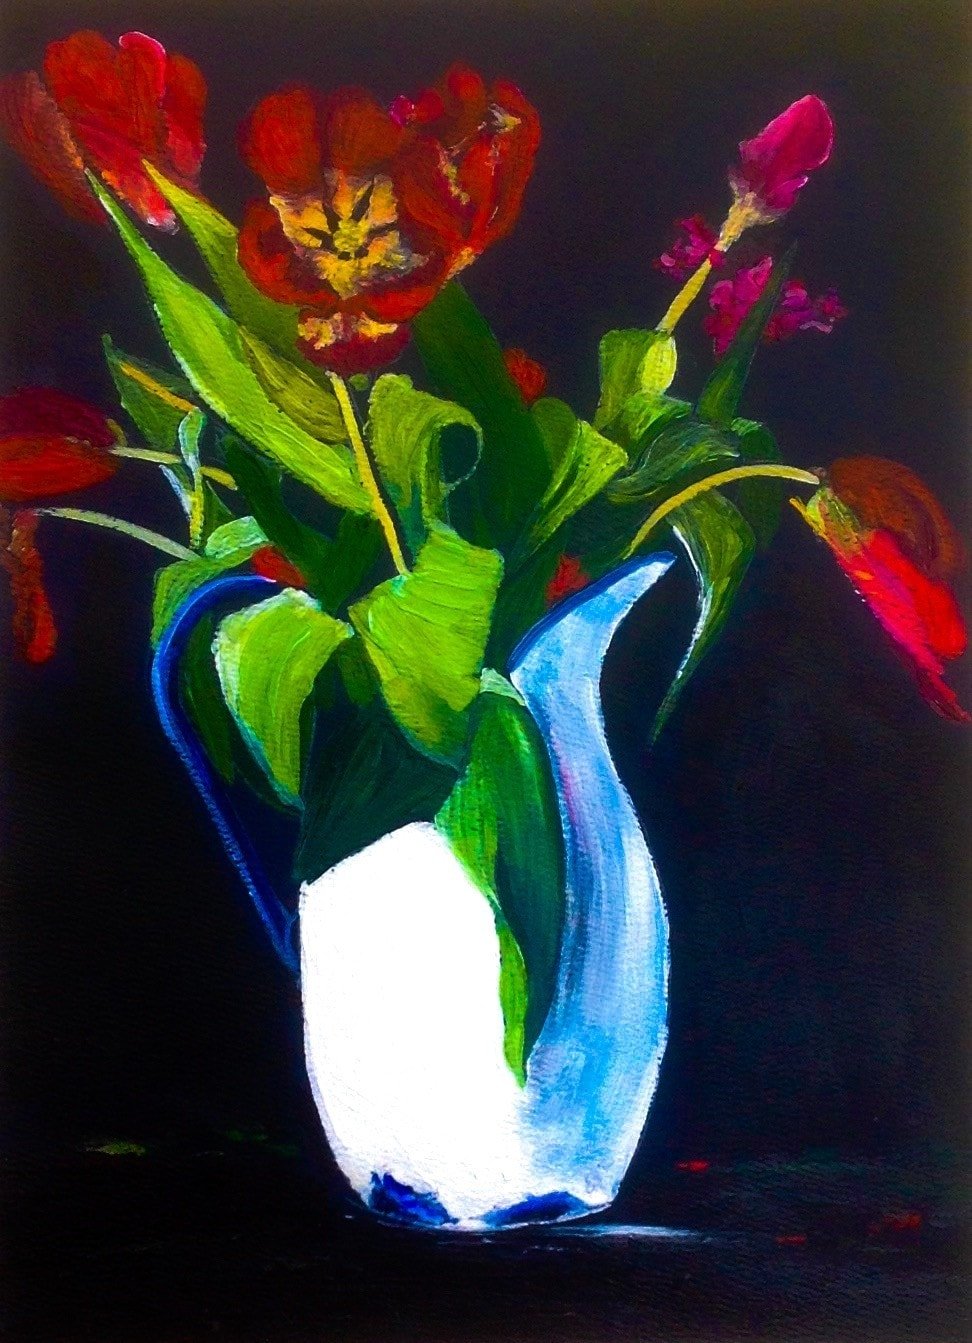 Tulips in an enamel jug.